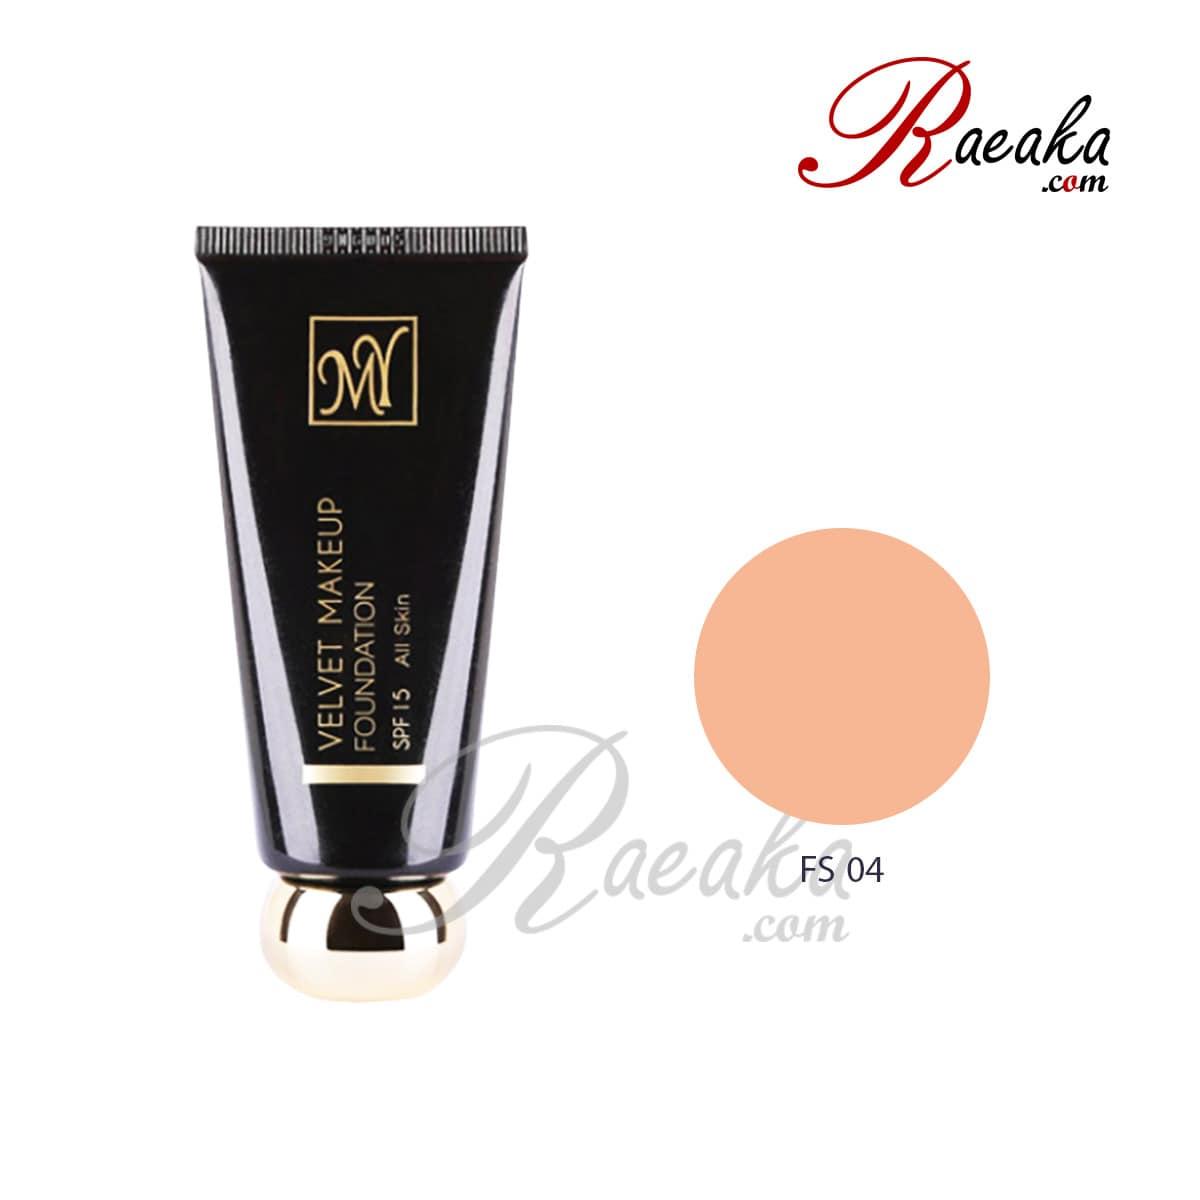 کرم پودر نیمه مات سری بلک دایموند مای کد FS04 مناسب پوست های معمولی تا خشک حجم ۳۵ میلی لیتر